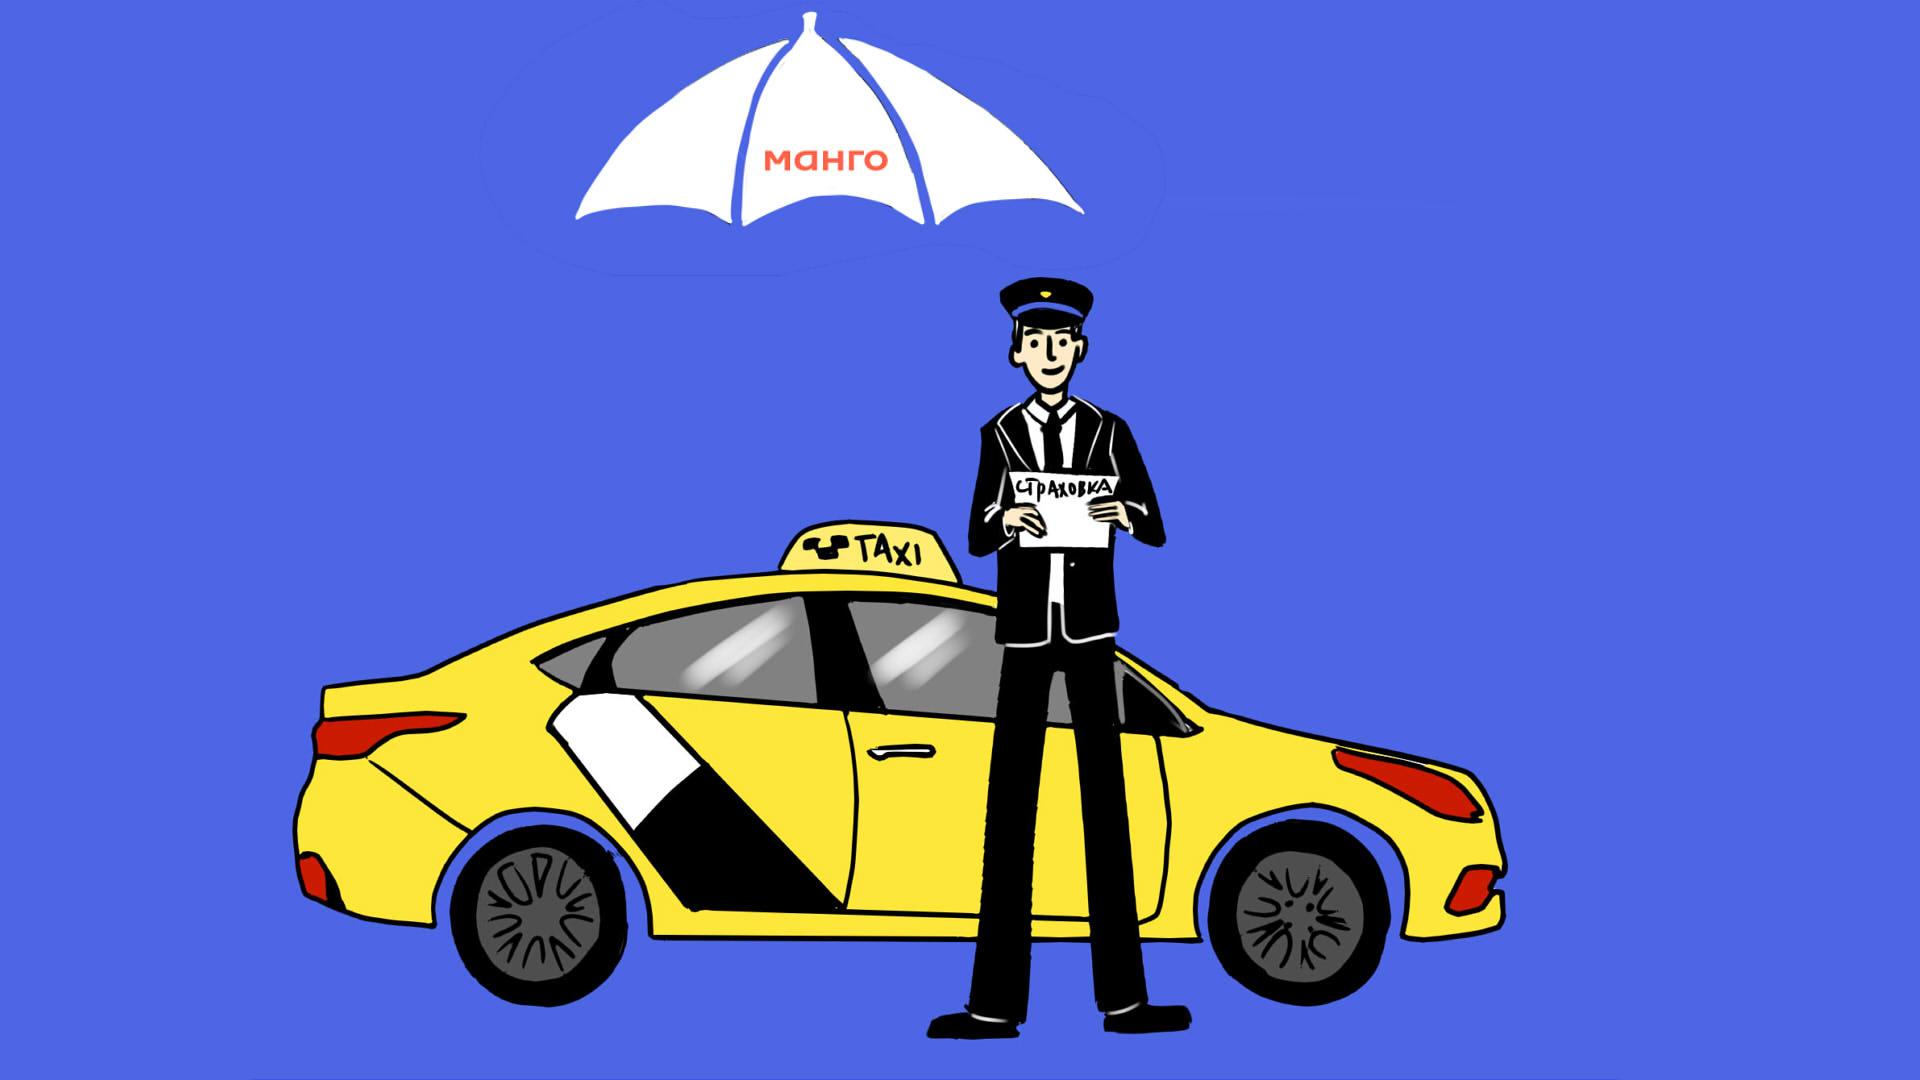 Водитель Яндекс такси получил свое Манго